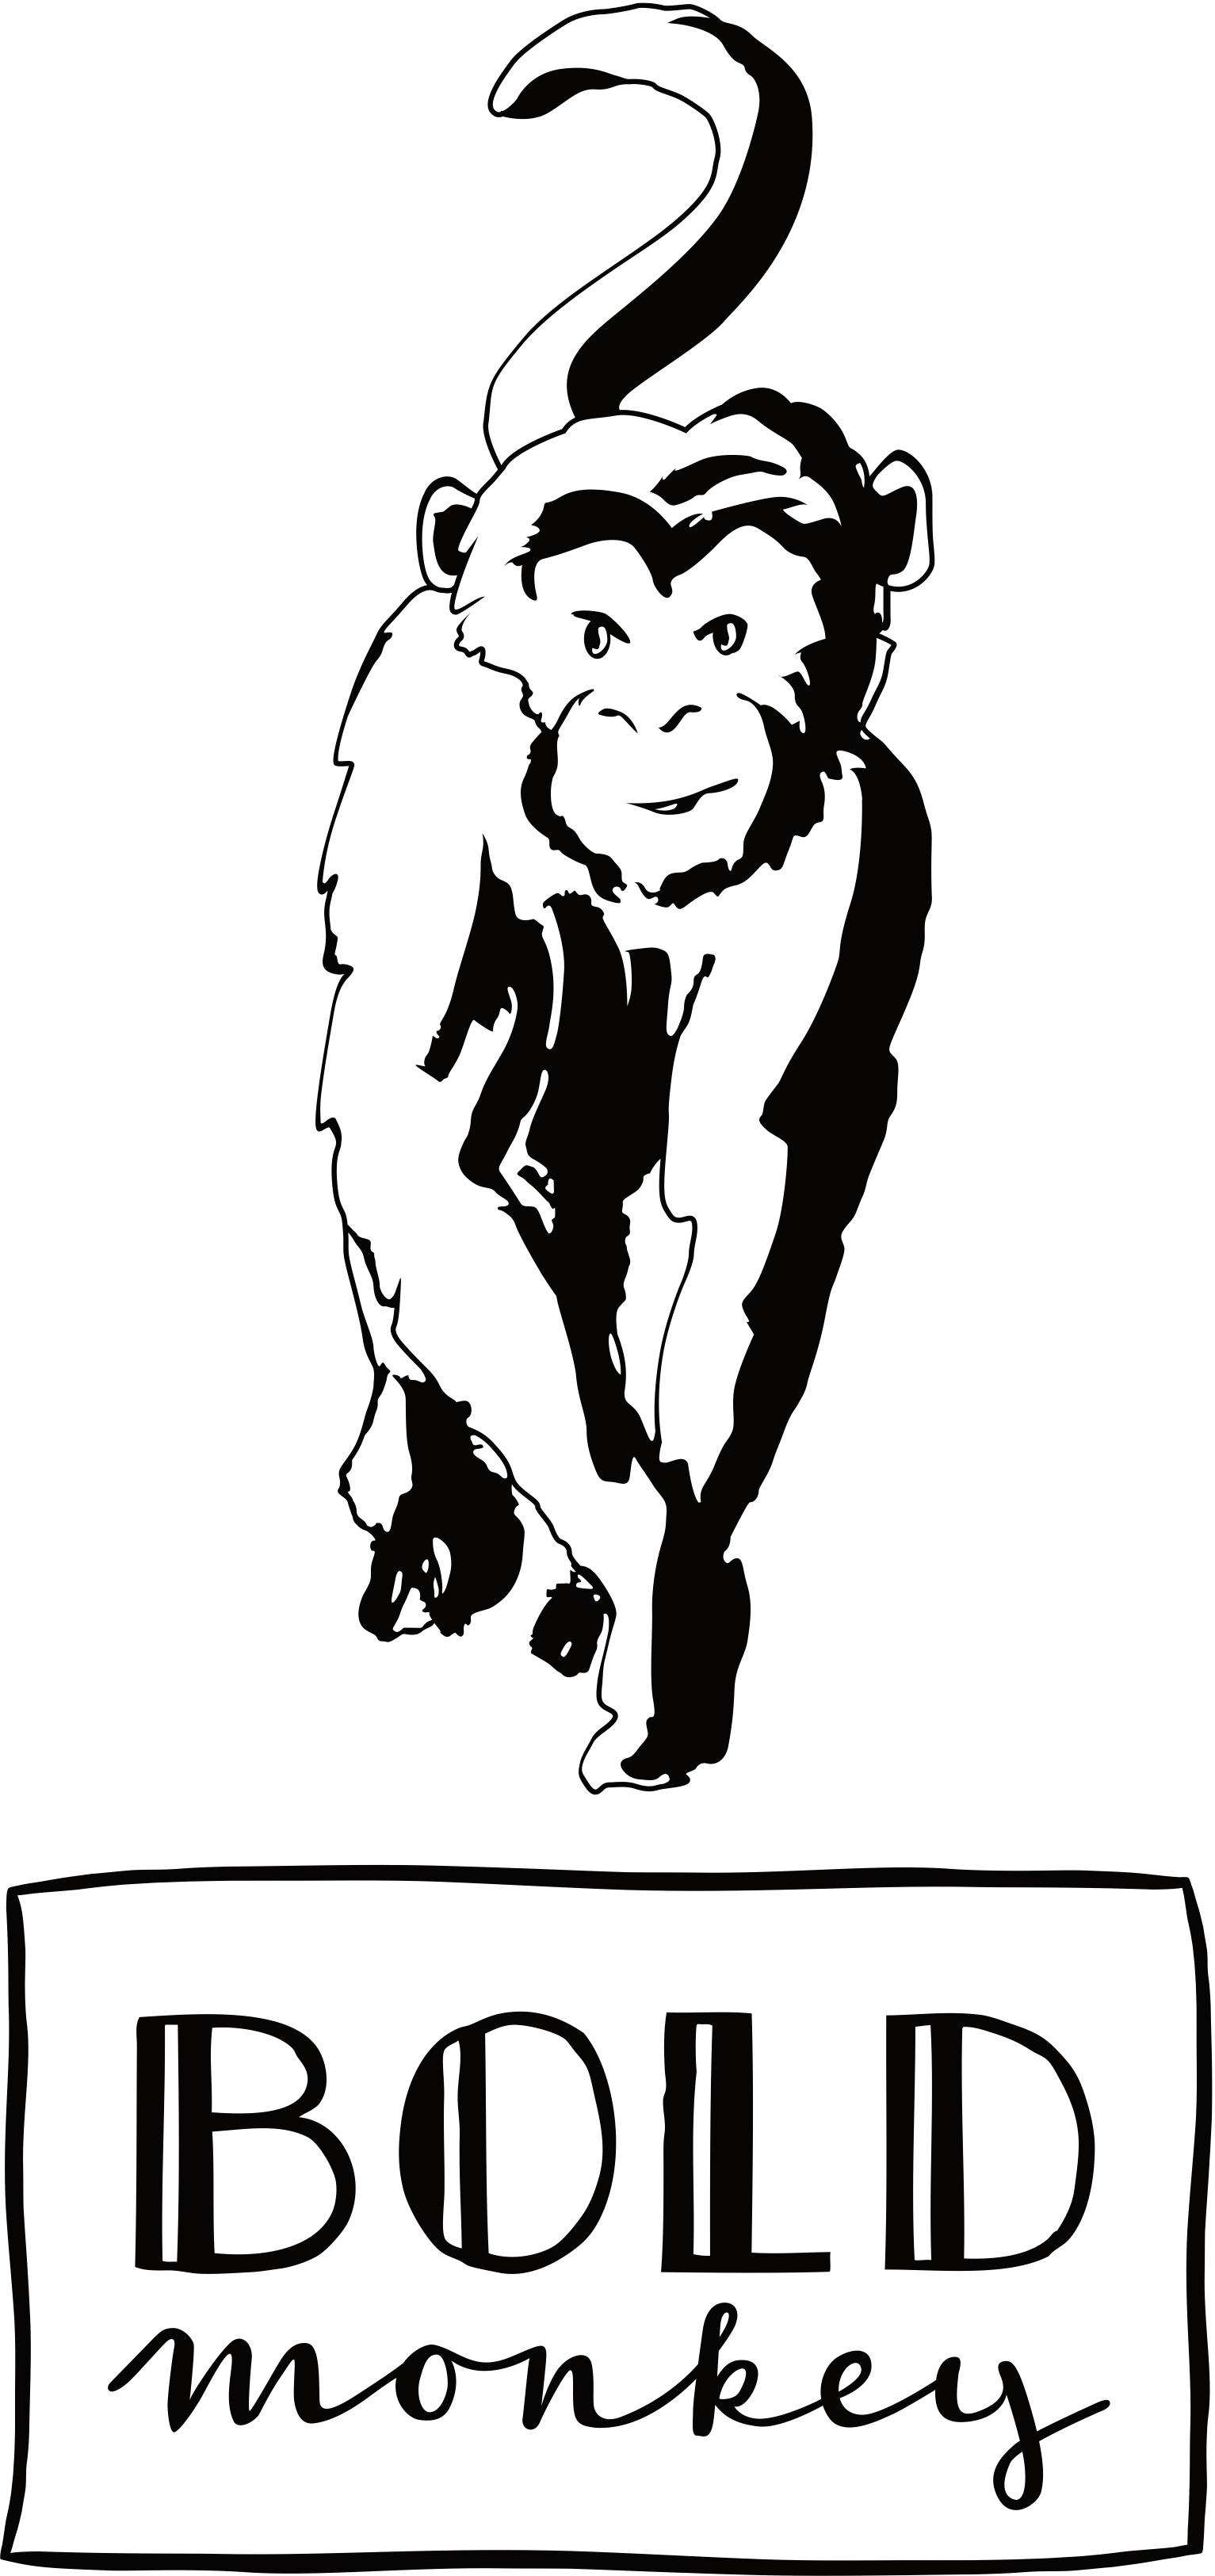 Bold Monkey Another Marble bijzettafel goud groen wit en zwarte poten vooraanzicht